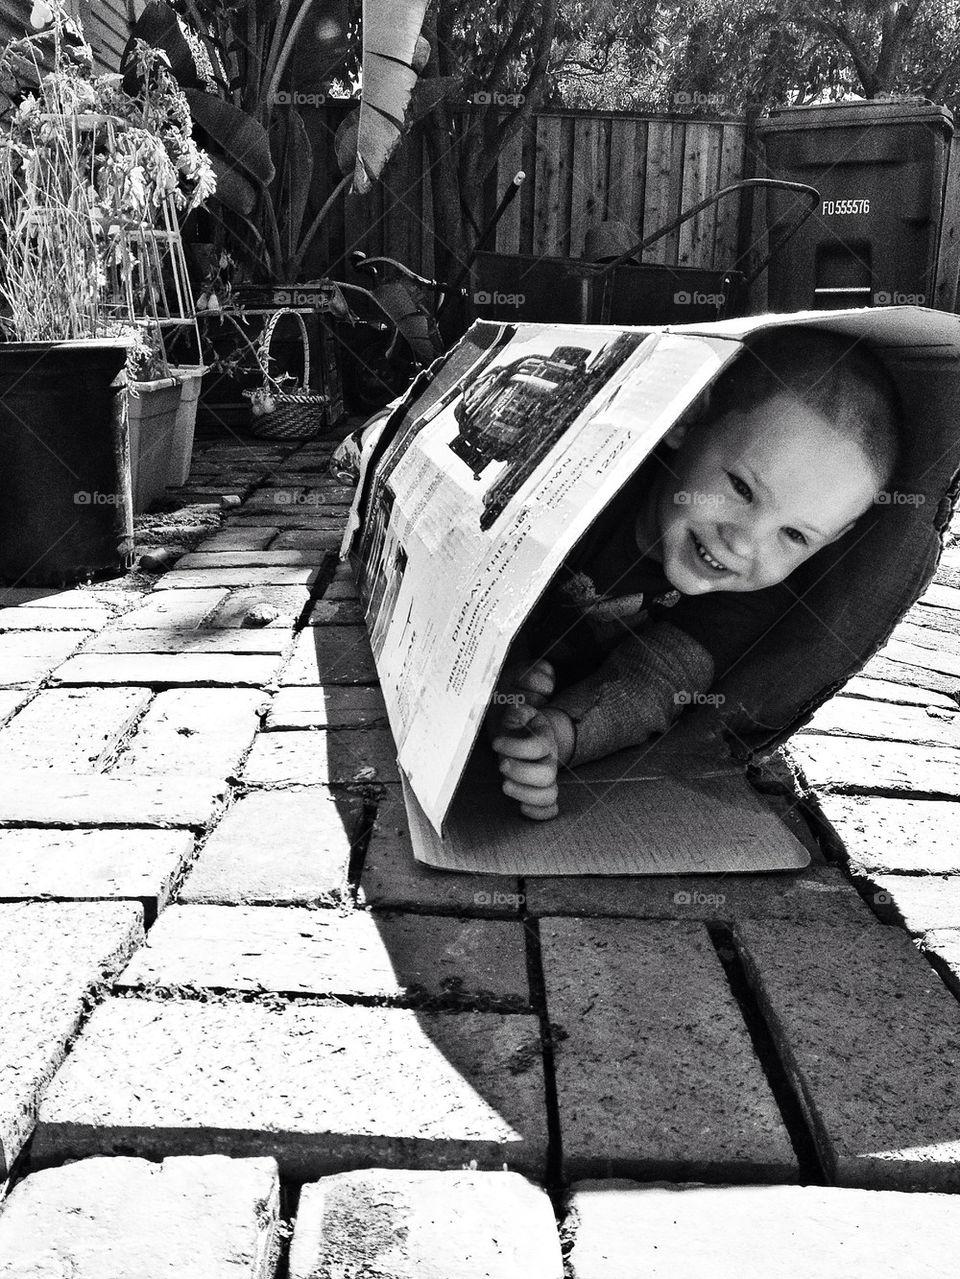 Boy joyfully playing in a cardboard box